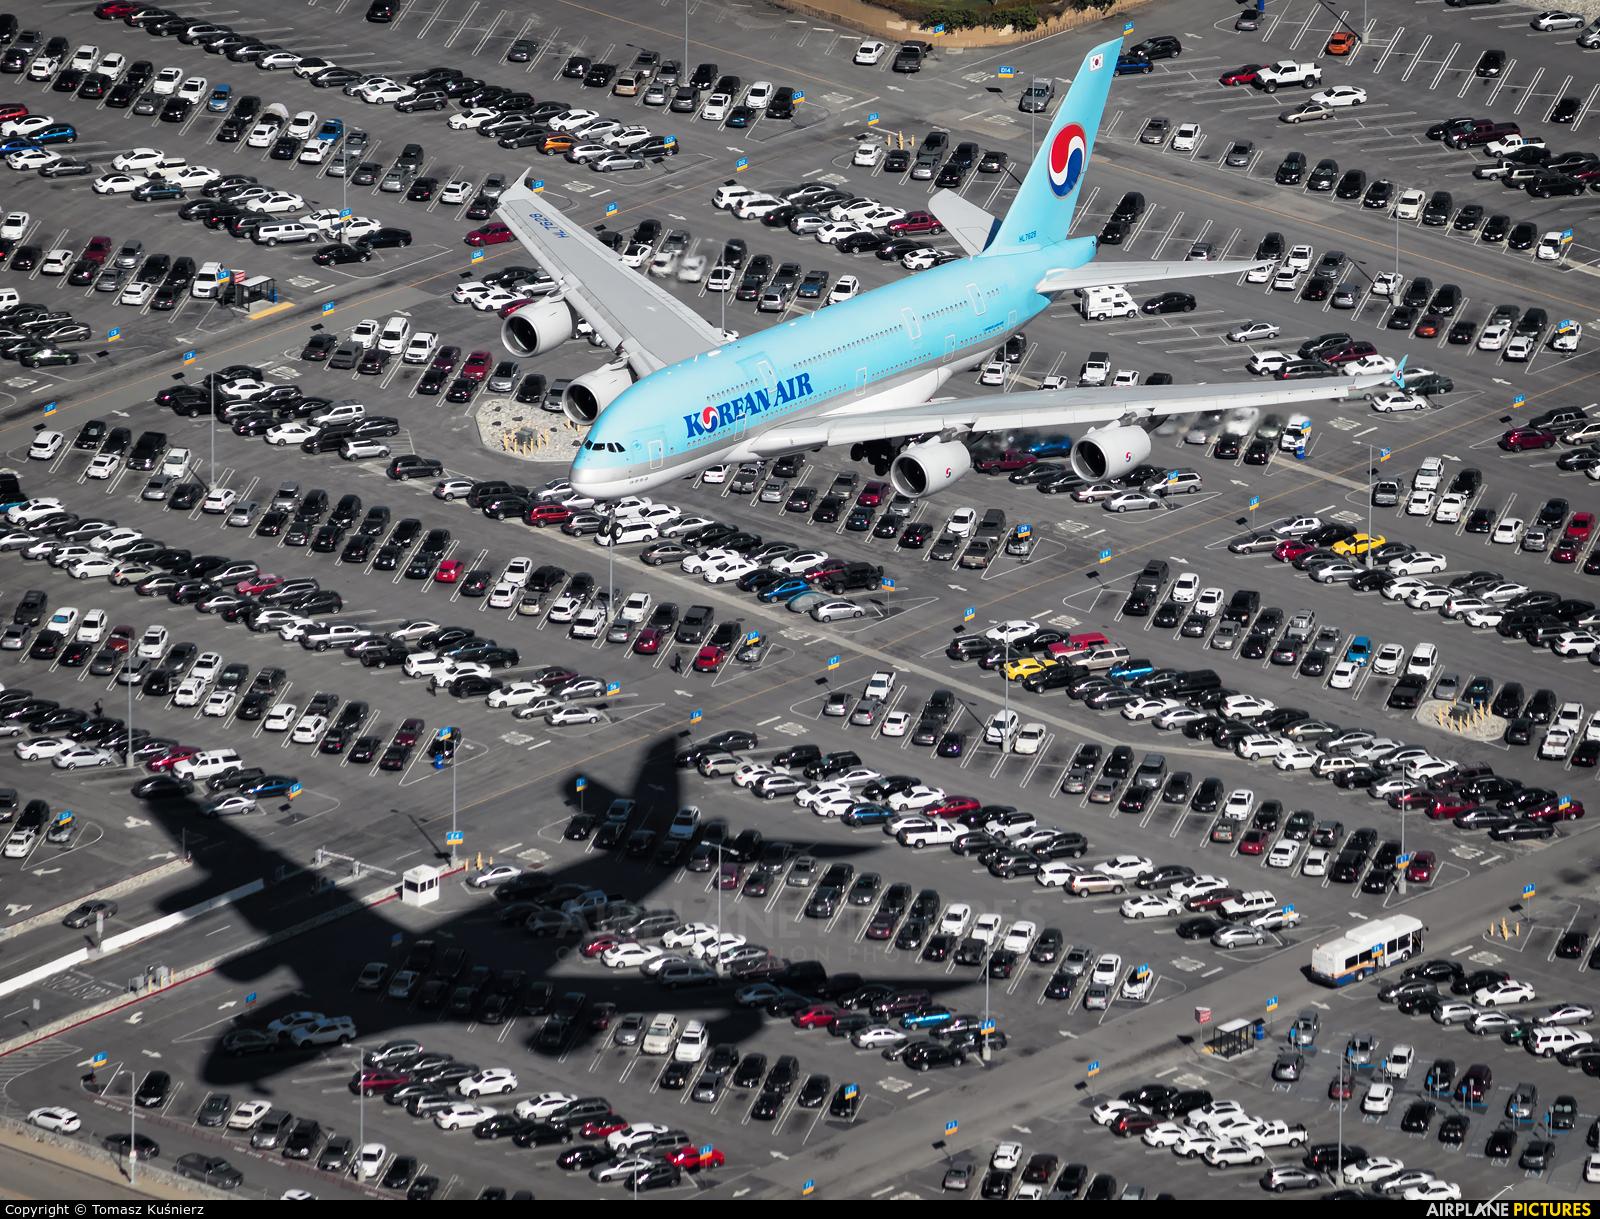 Korean Air HL7628 aircraft at Los Angeles Intl